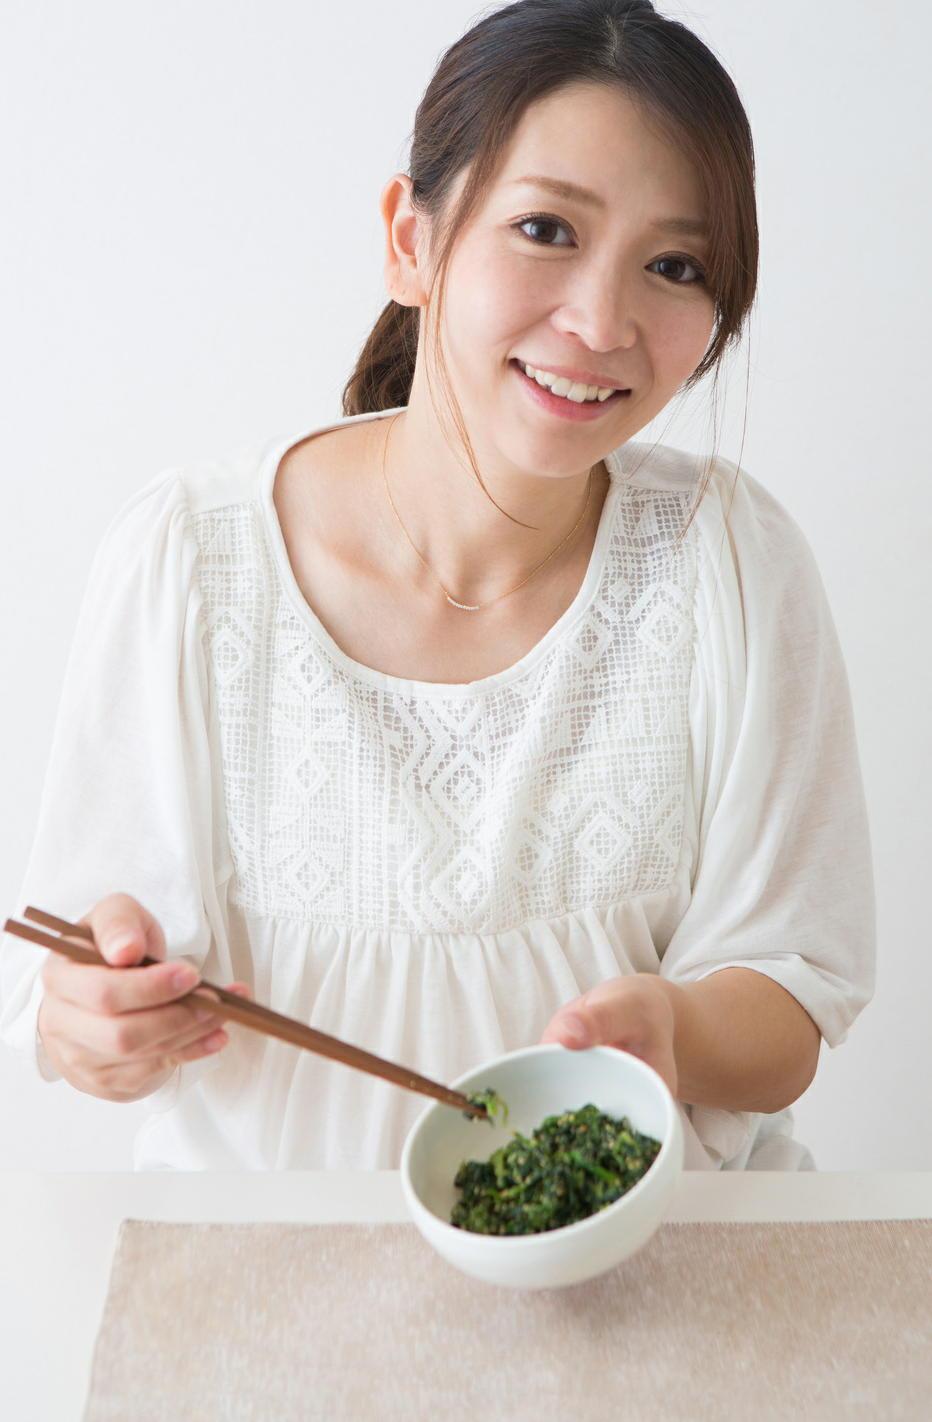 アブラナ科野菜は「台所のドクター」 心疾患、脳卒中、がんのリスクを低下